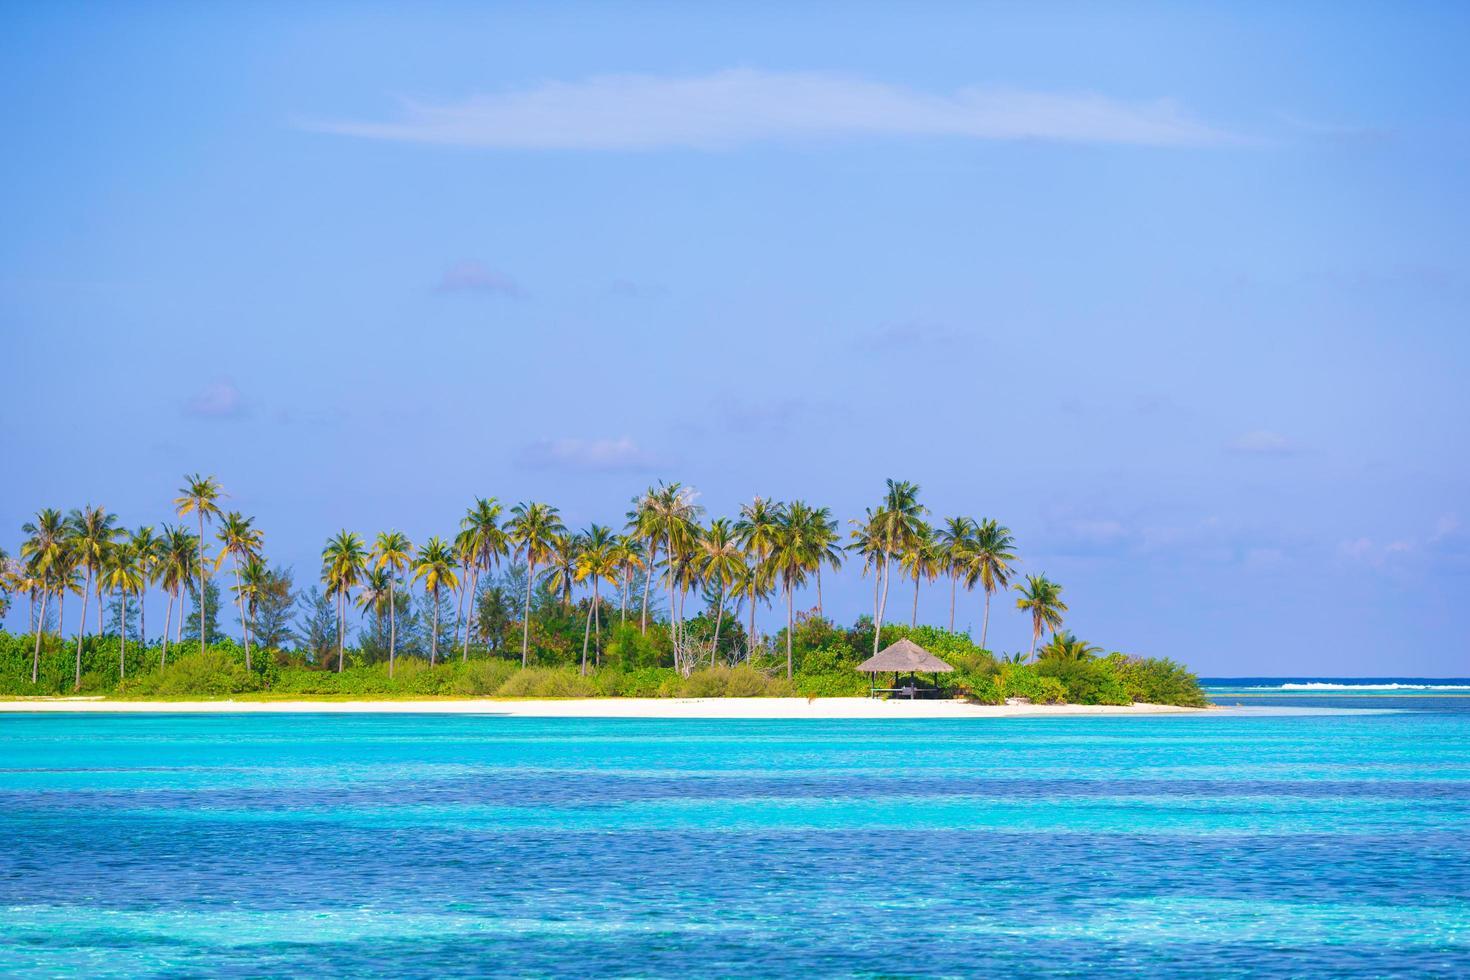 Maldivas, Asia del Sur, 2020 - cabaña en una isla tropical foto